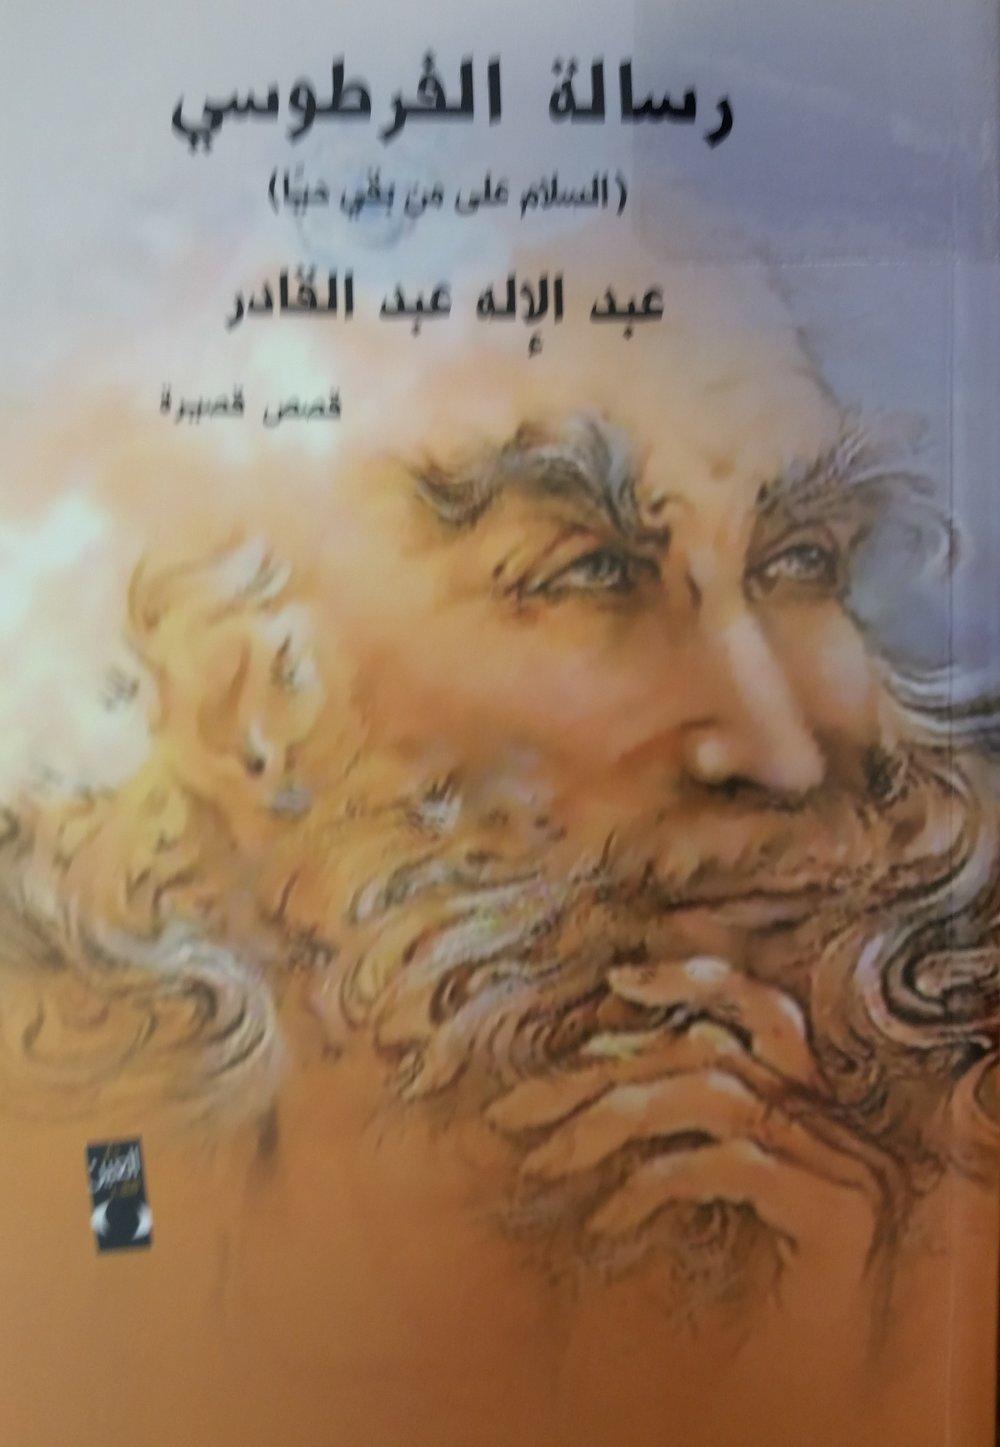 ʻAbd al-Ilāh ʻAbd al-Qādir (al-Qāhirah : Dār al-ʻAyn li-l-Nashr, 2012)  Short stories